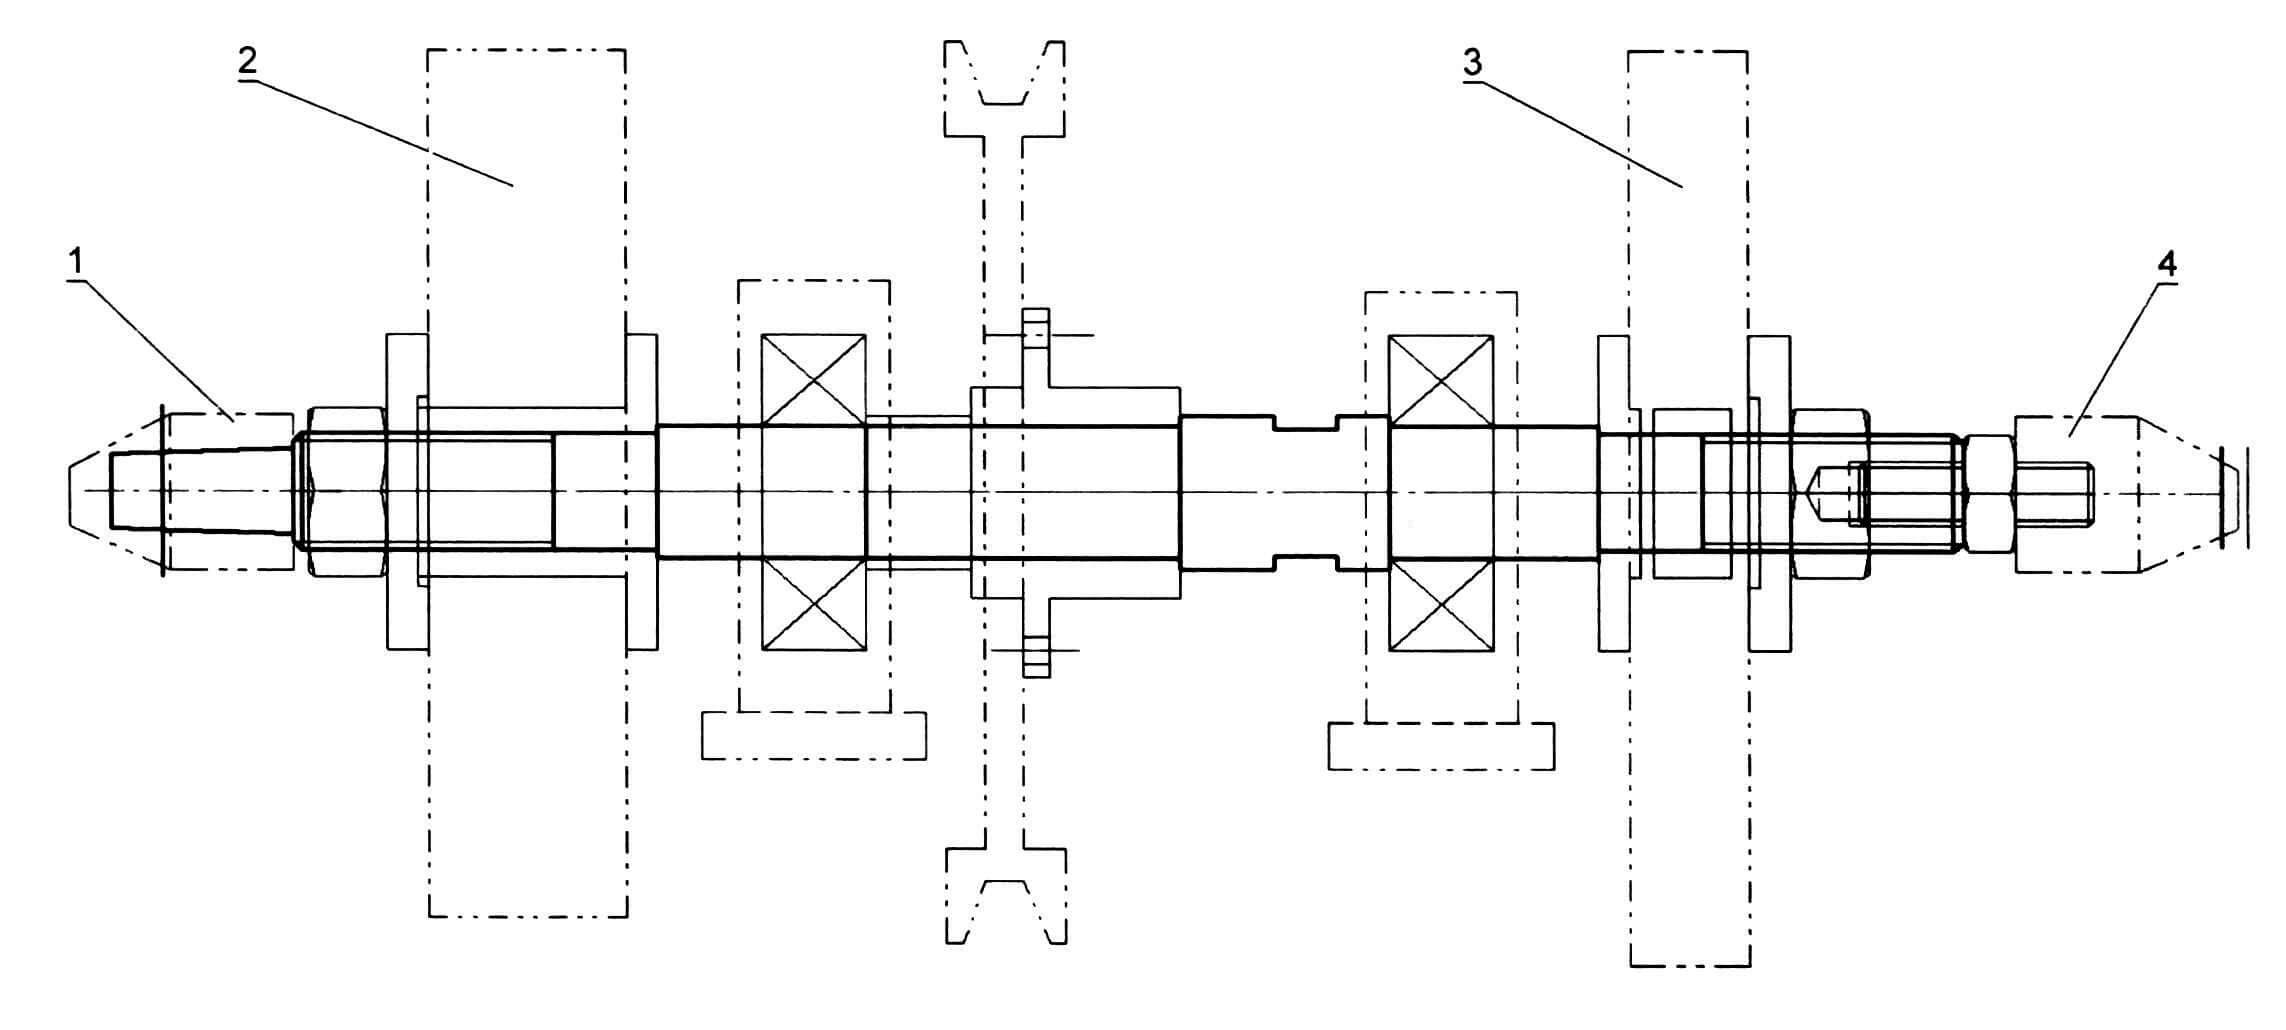 Вал с рабочими инструментами: 1 - левый патрон под полировальный на резиновом основании; 2 - войлочный диск; 3 - фанерный диск с наждачной бумагой; 4 - правый патрон под лепестковый диск